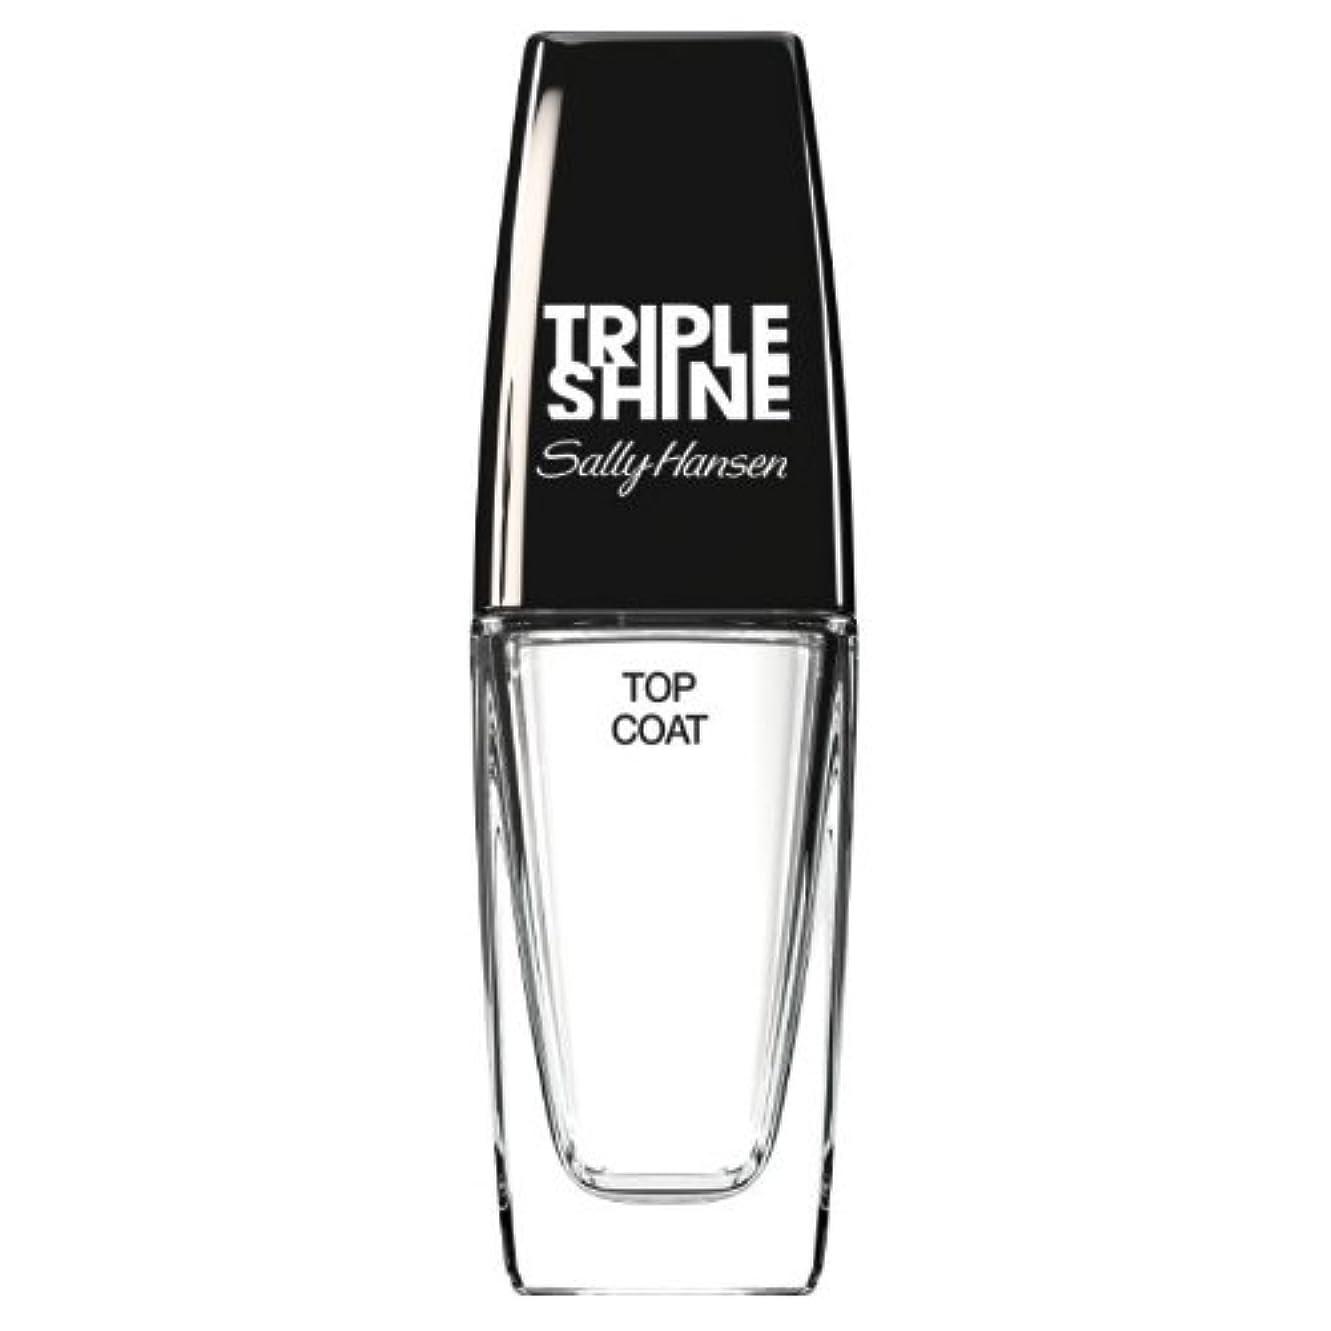 速い文芸ミスペンド(3 Pack) SALLY HANSEN Triple Shine Top Coat - Triple Shine Top Coat (並行輸入品)